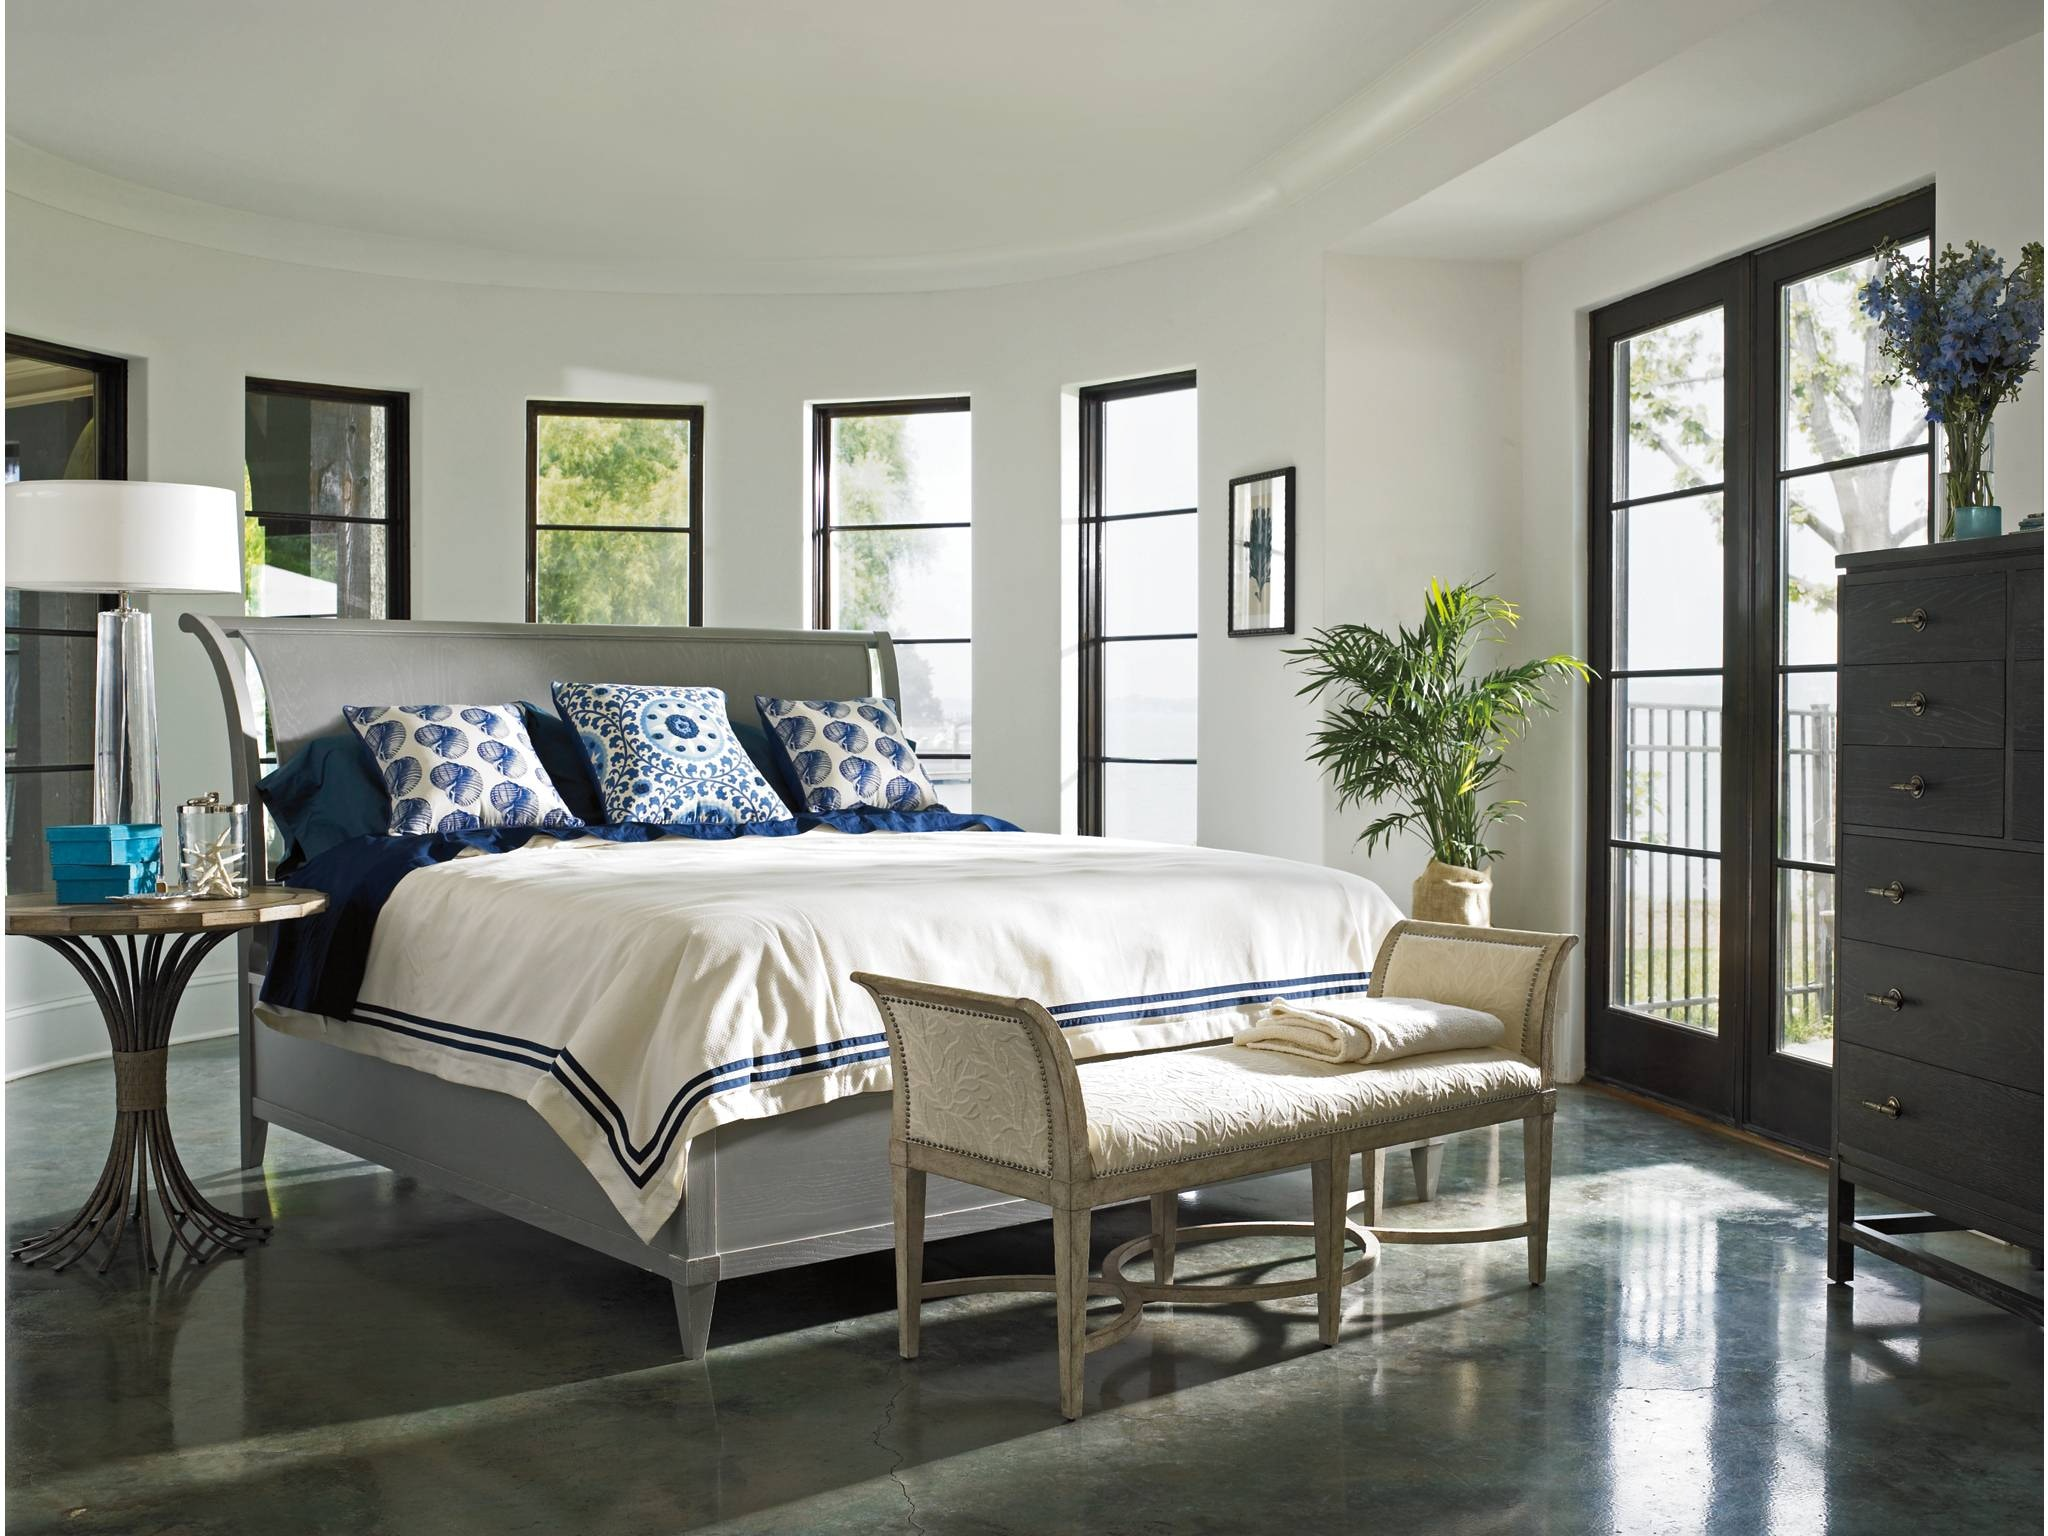 coastal living bedroom furniture. Coastal Living Surfside Bed End Bench 062-23-72 Coastal Living Bedroom Furniture